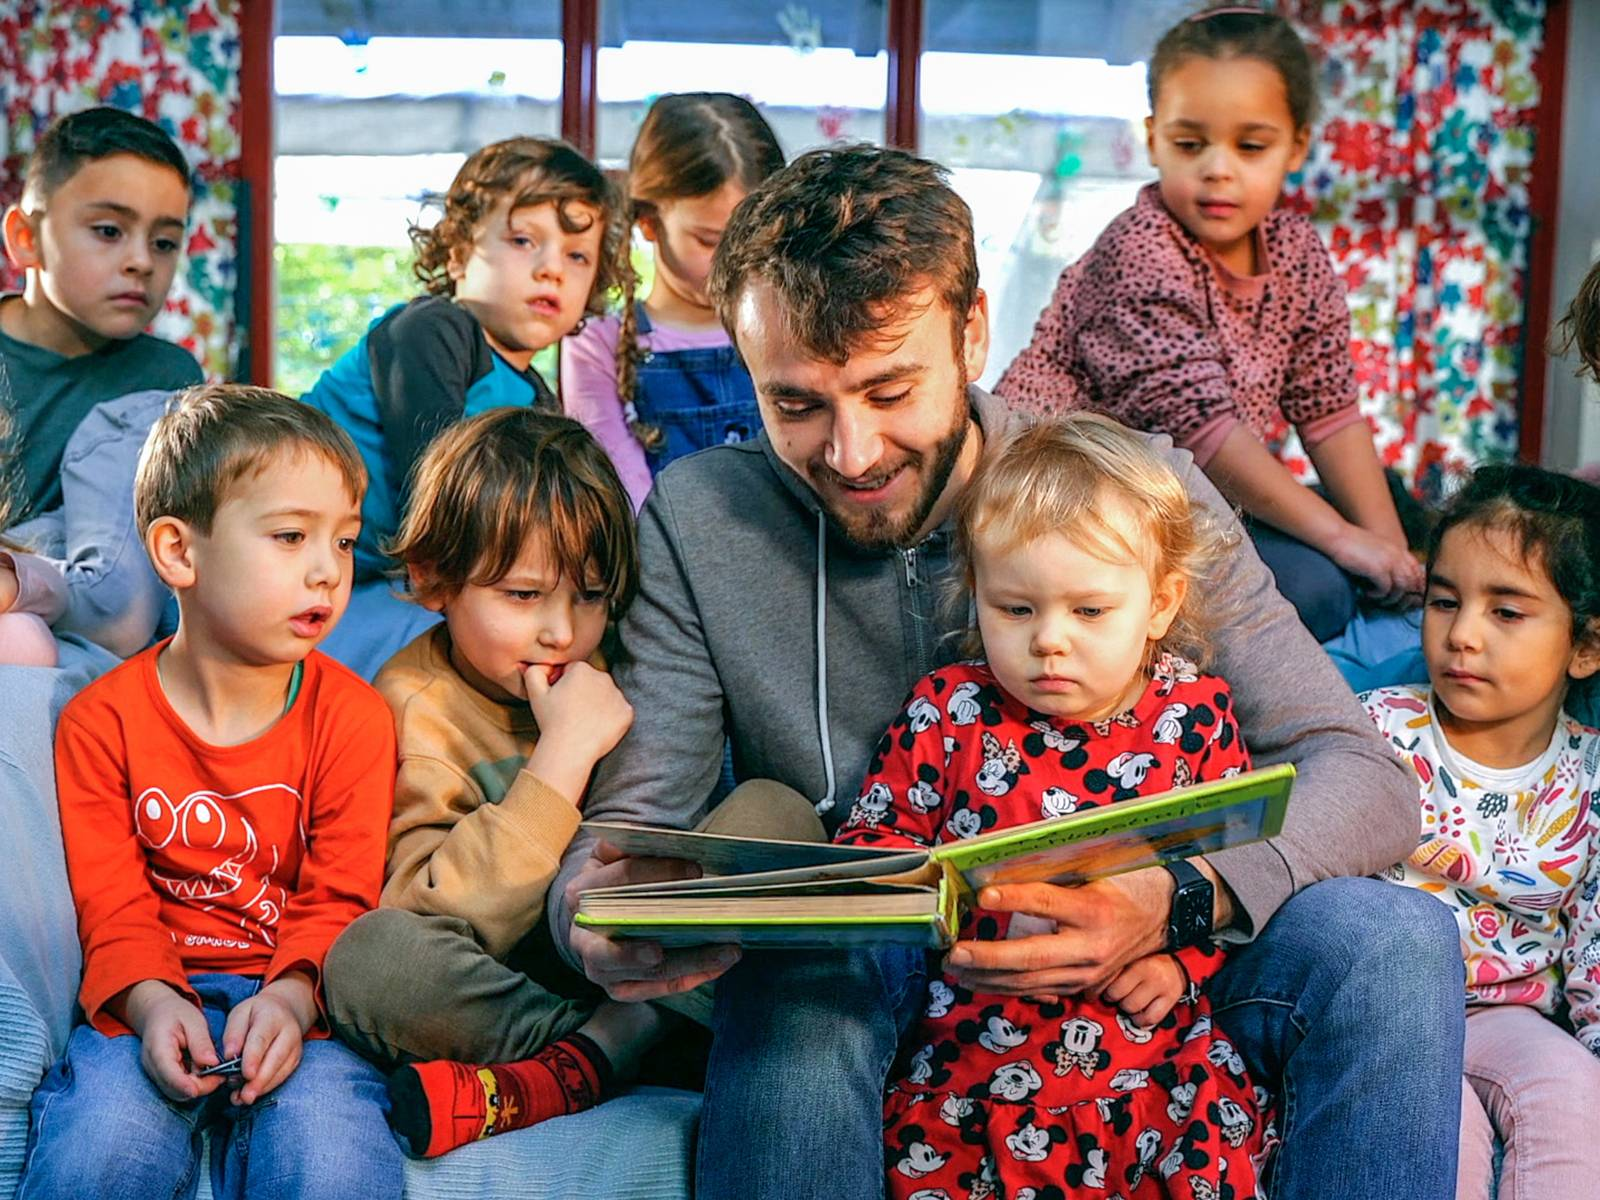 Ein Mann sitzt inmitten einer Gruppe Kinder und liest ihnen vor